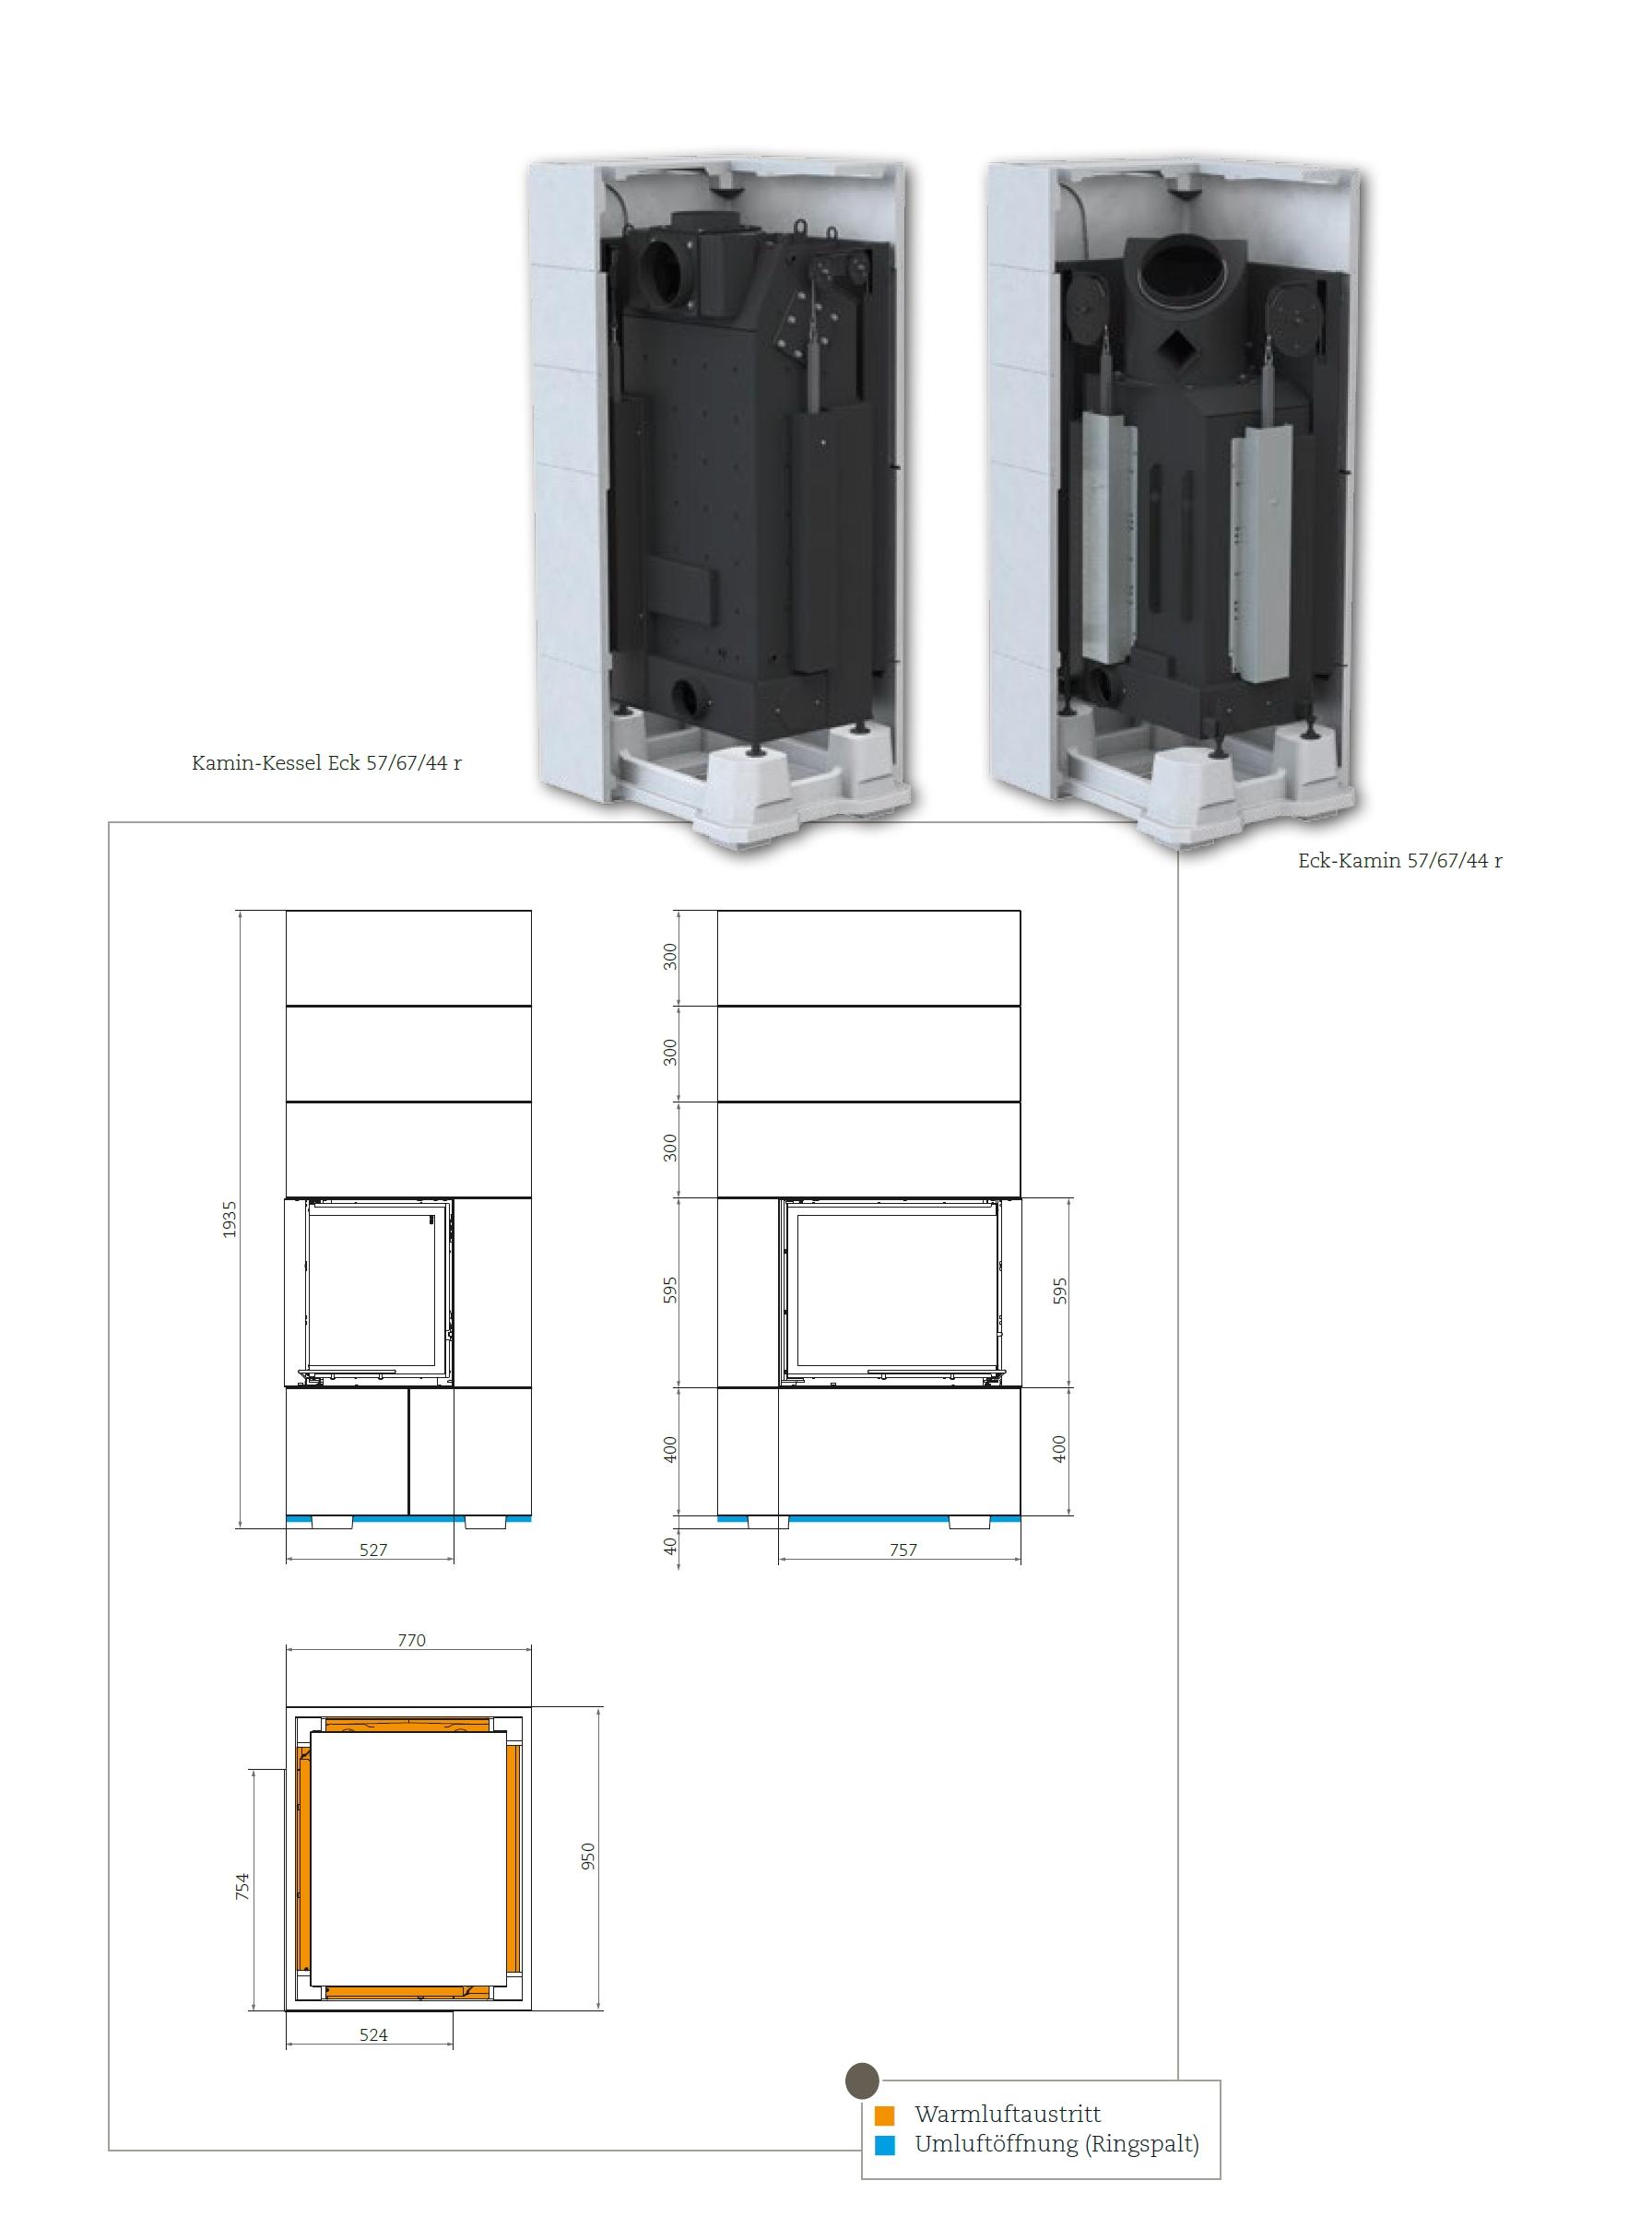 kamin selber bauen mit einem brunner systemkamin hotline. Black Bedroom Furniture Sets. Home Design Ideas